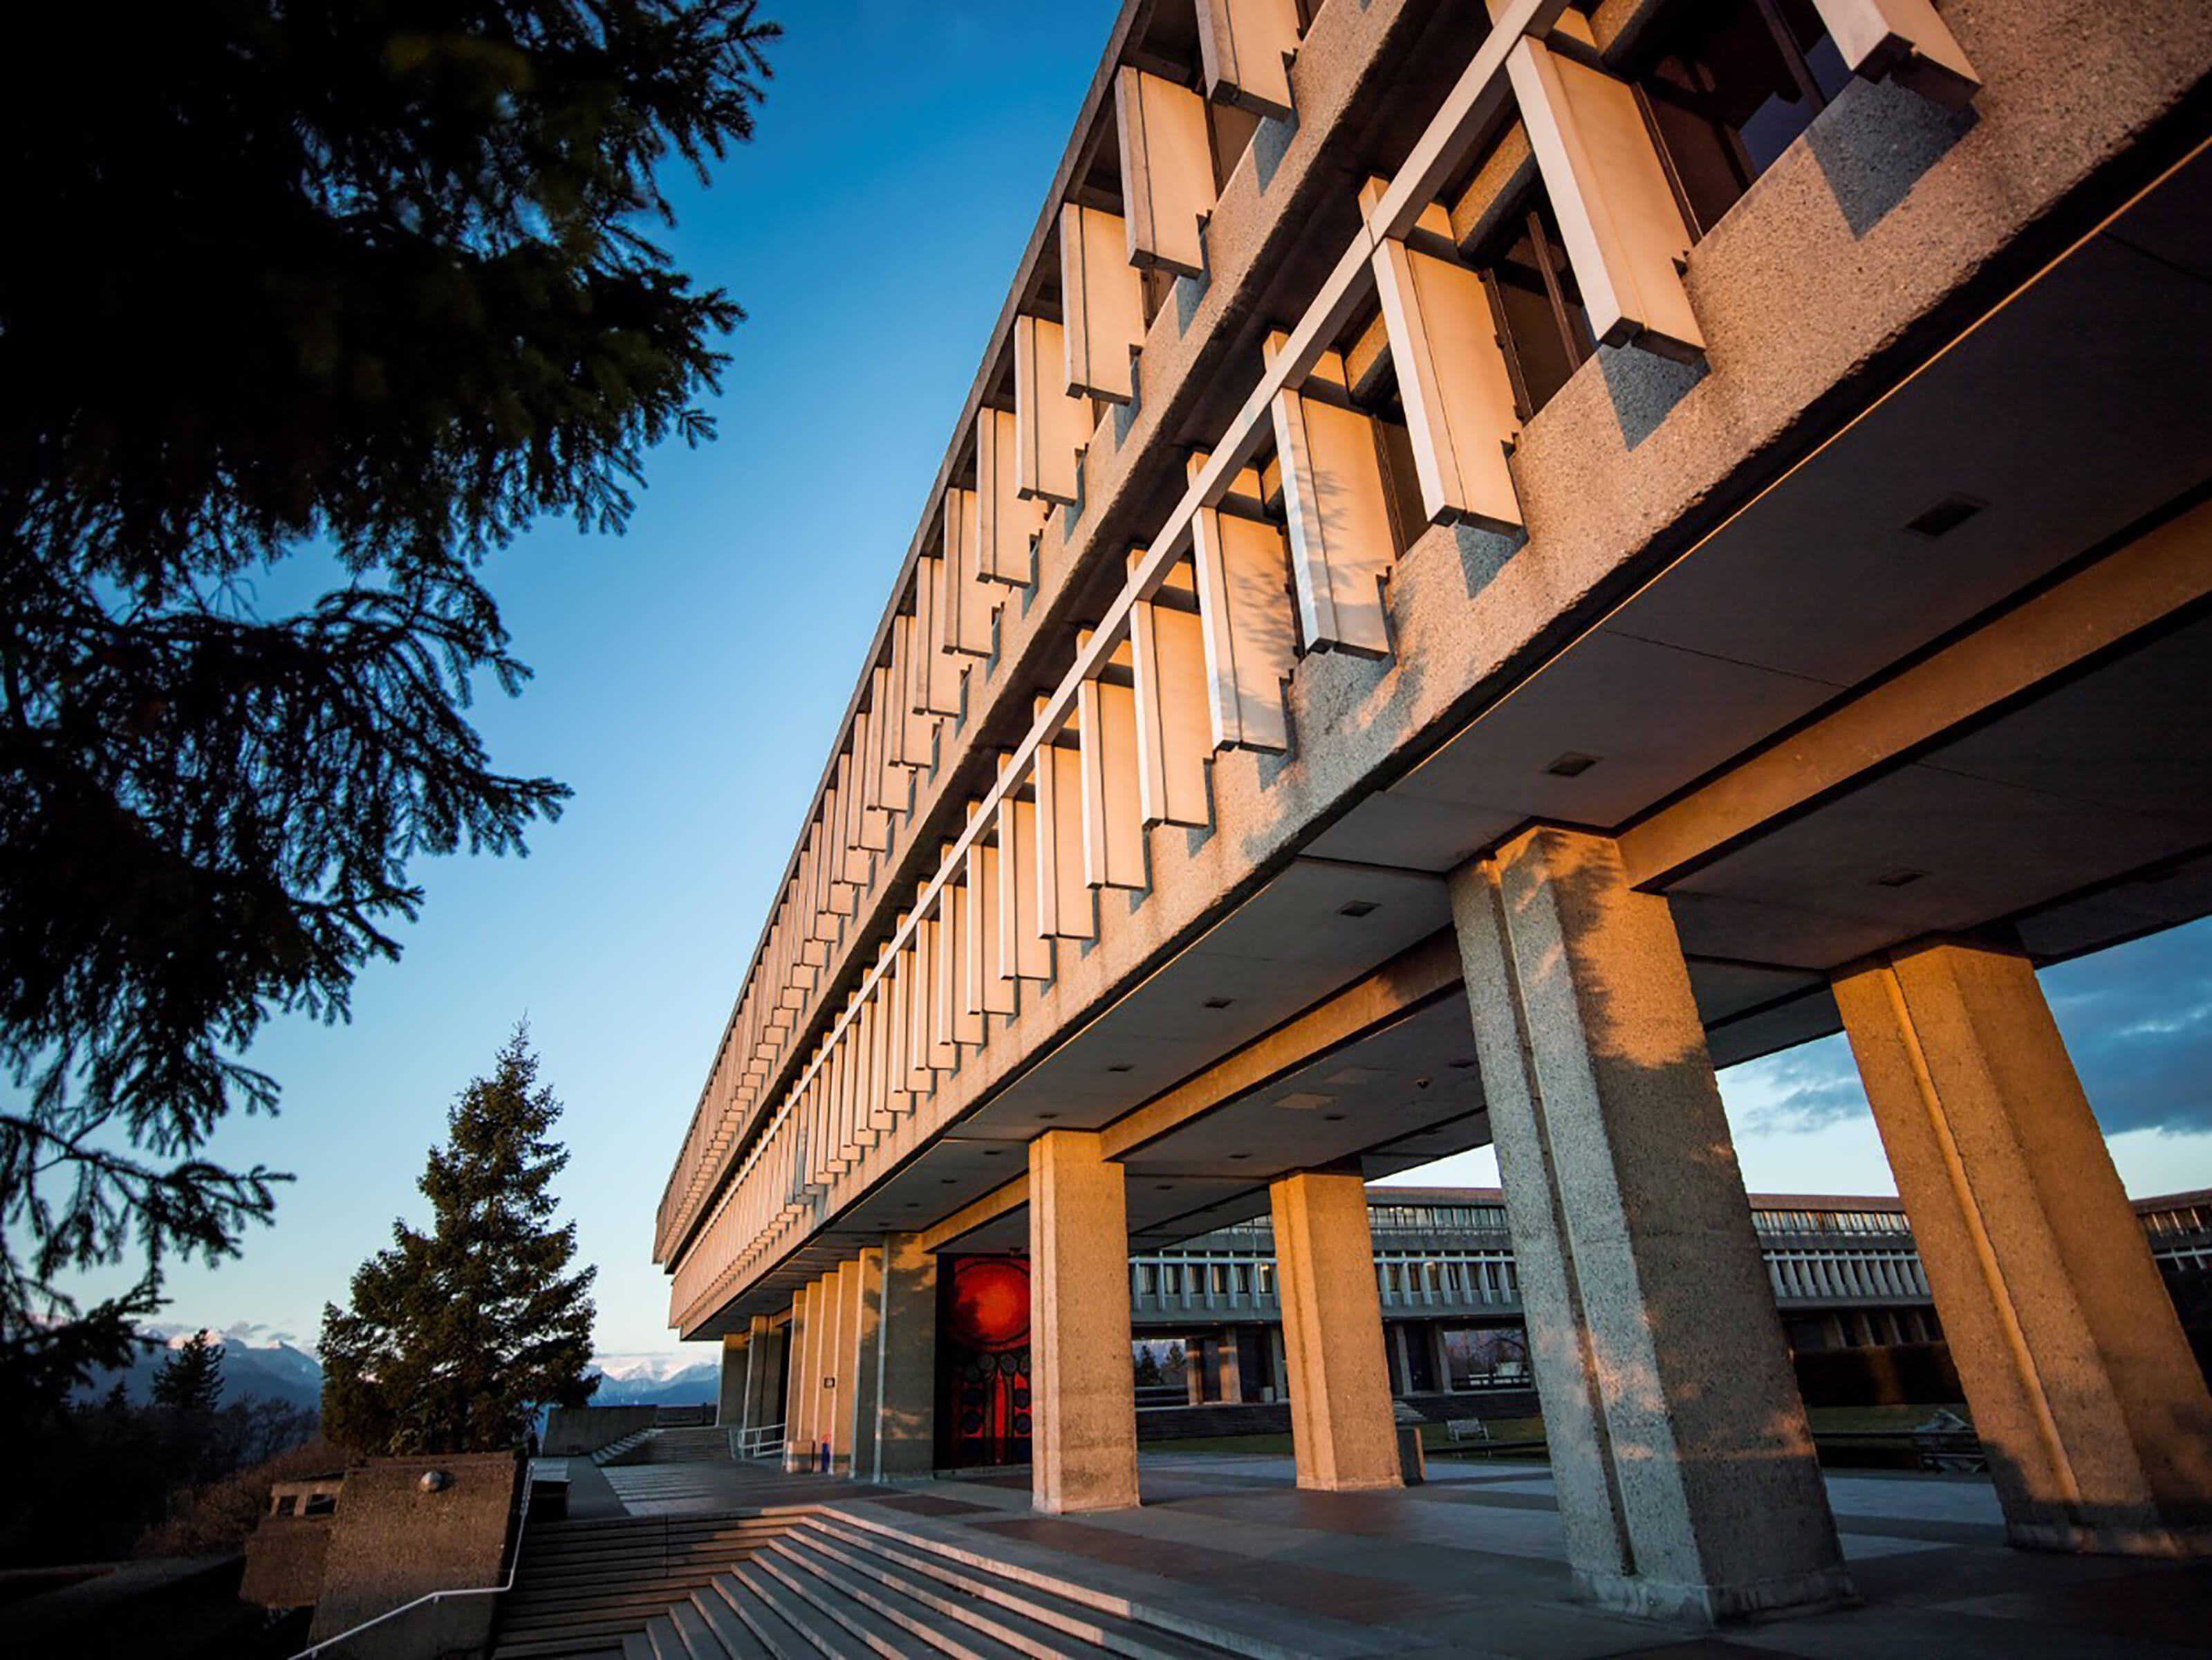 دانشگاه Simon Fraser (SFU)